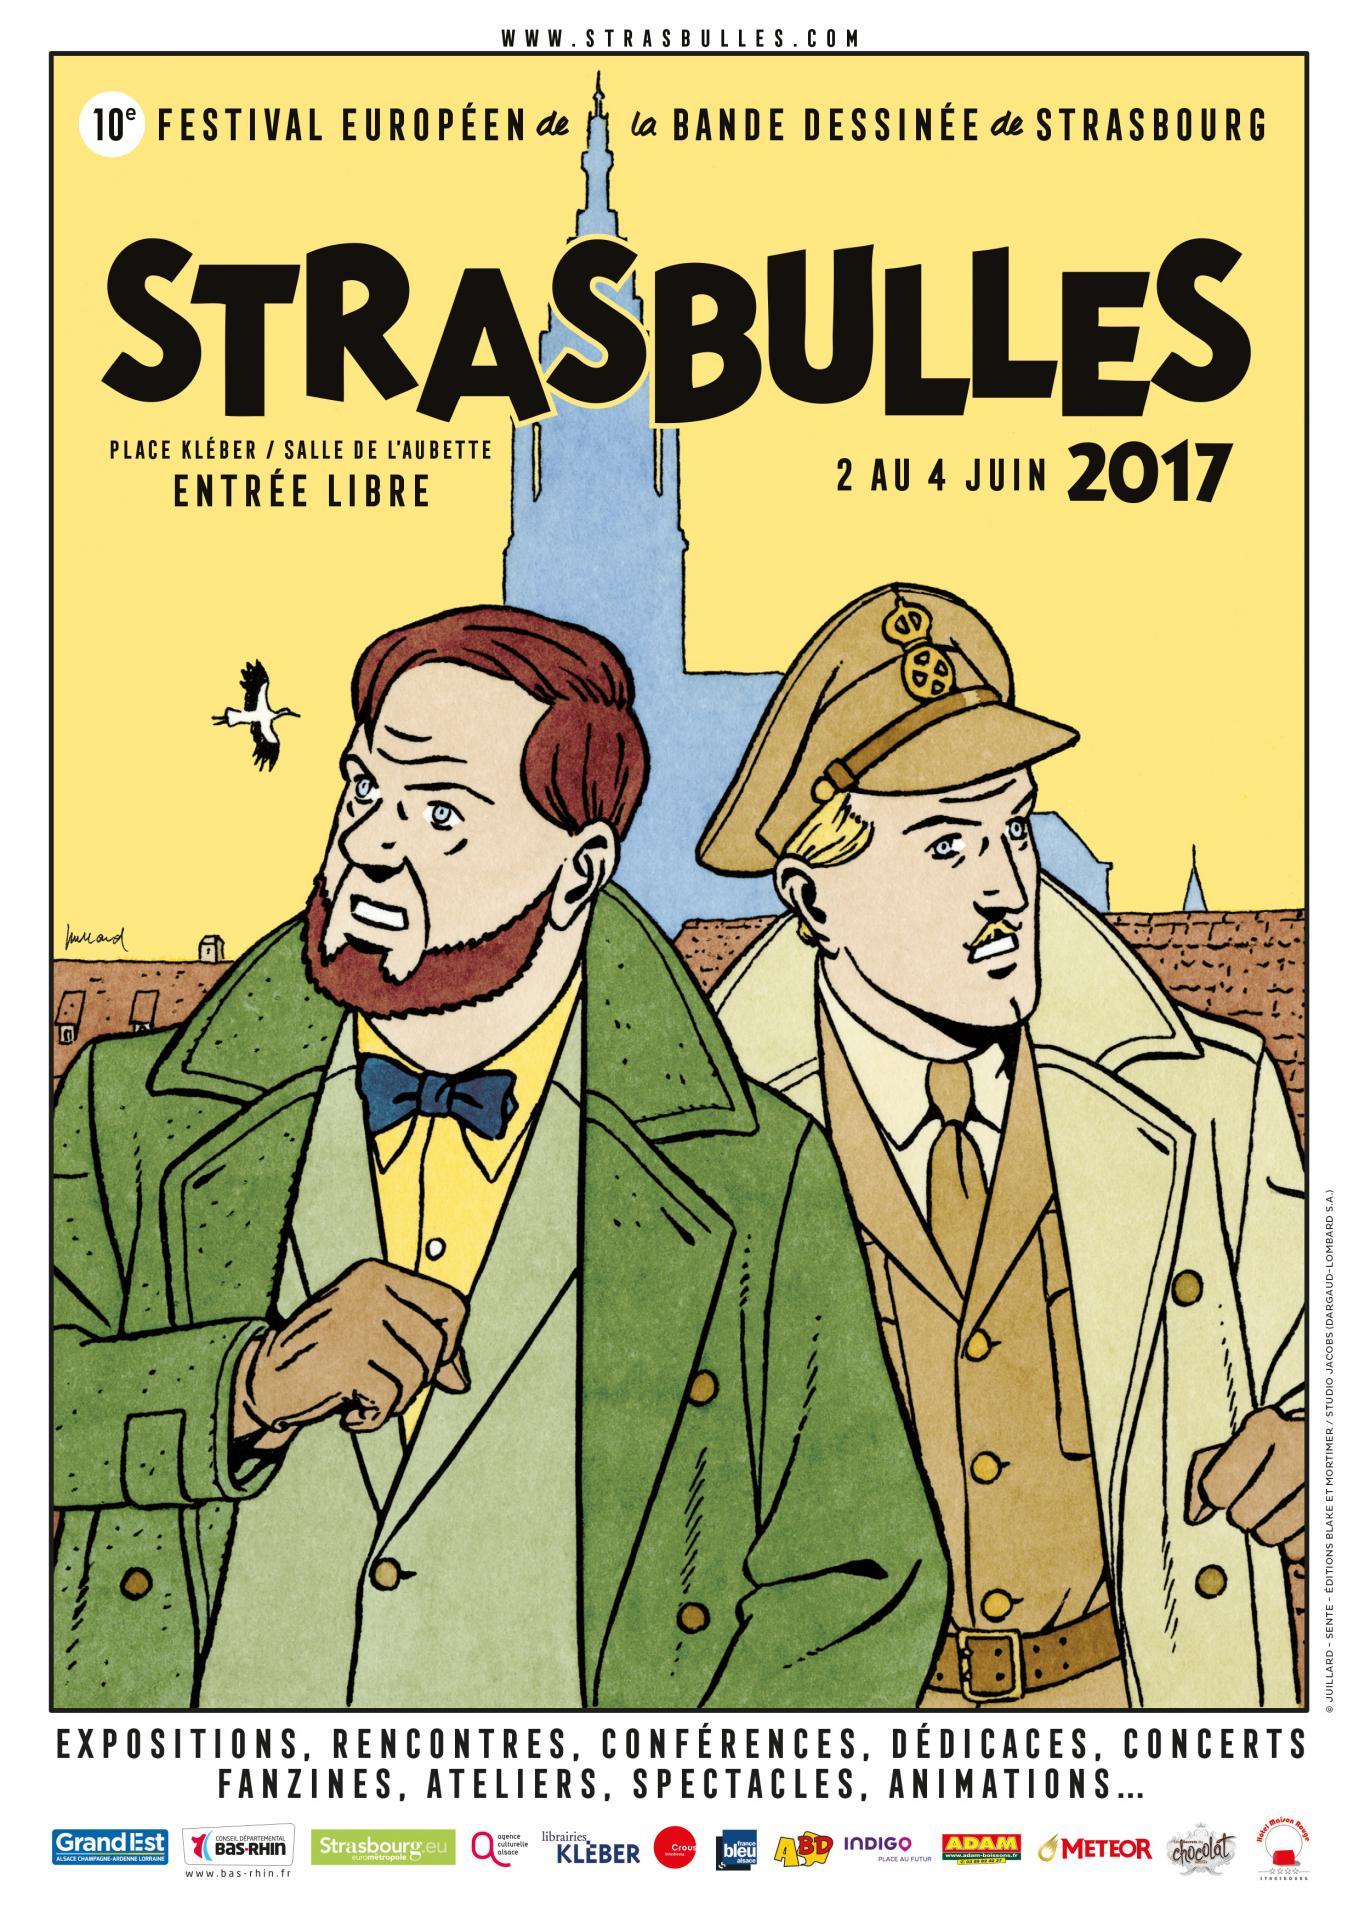 Strasbulles 2018